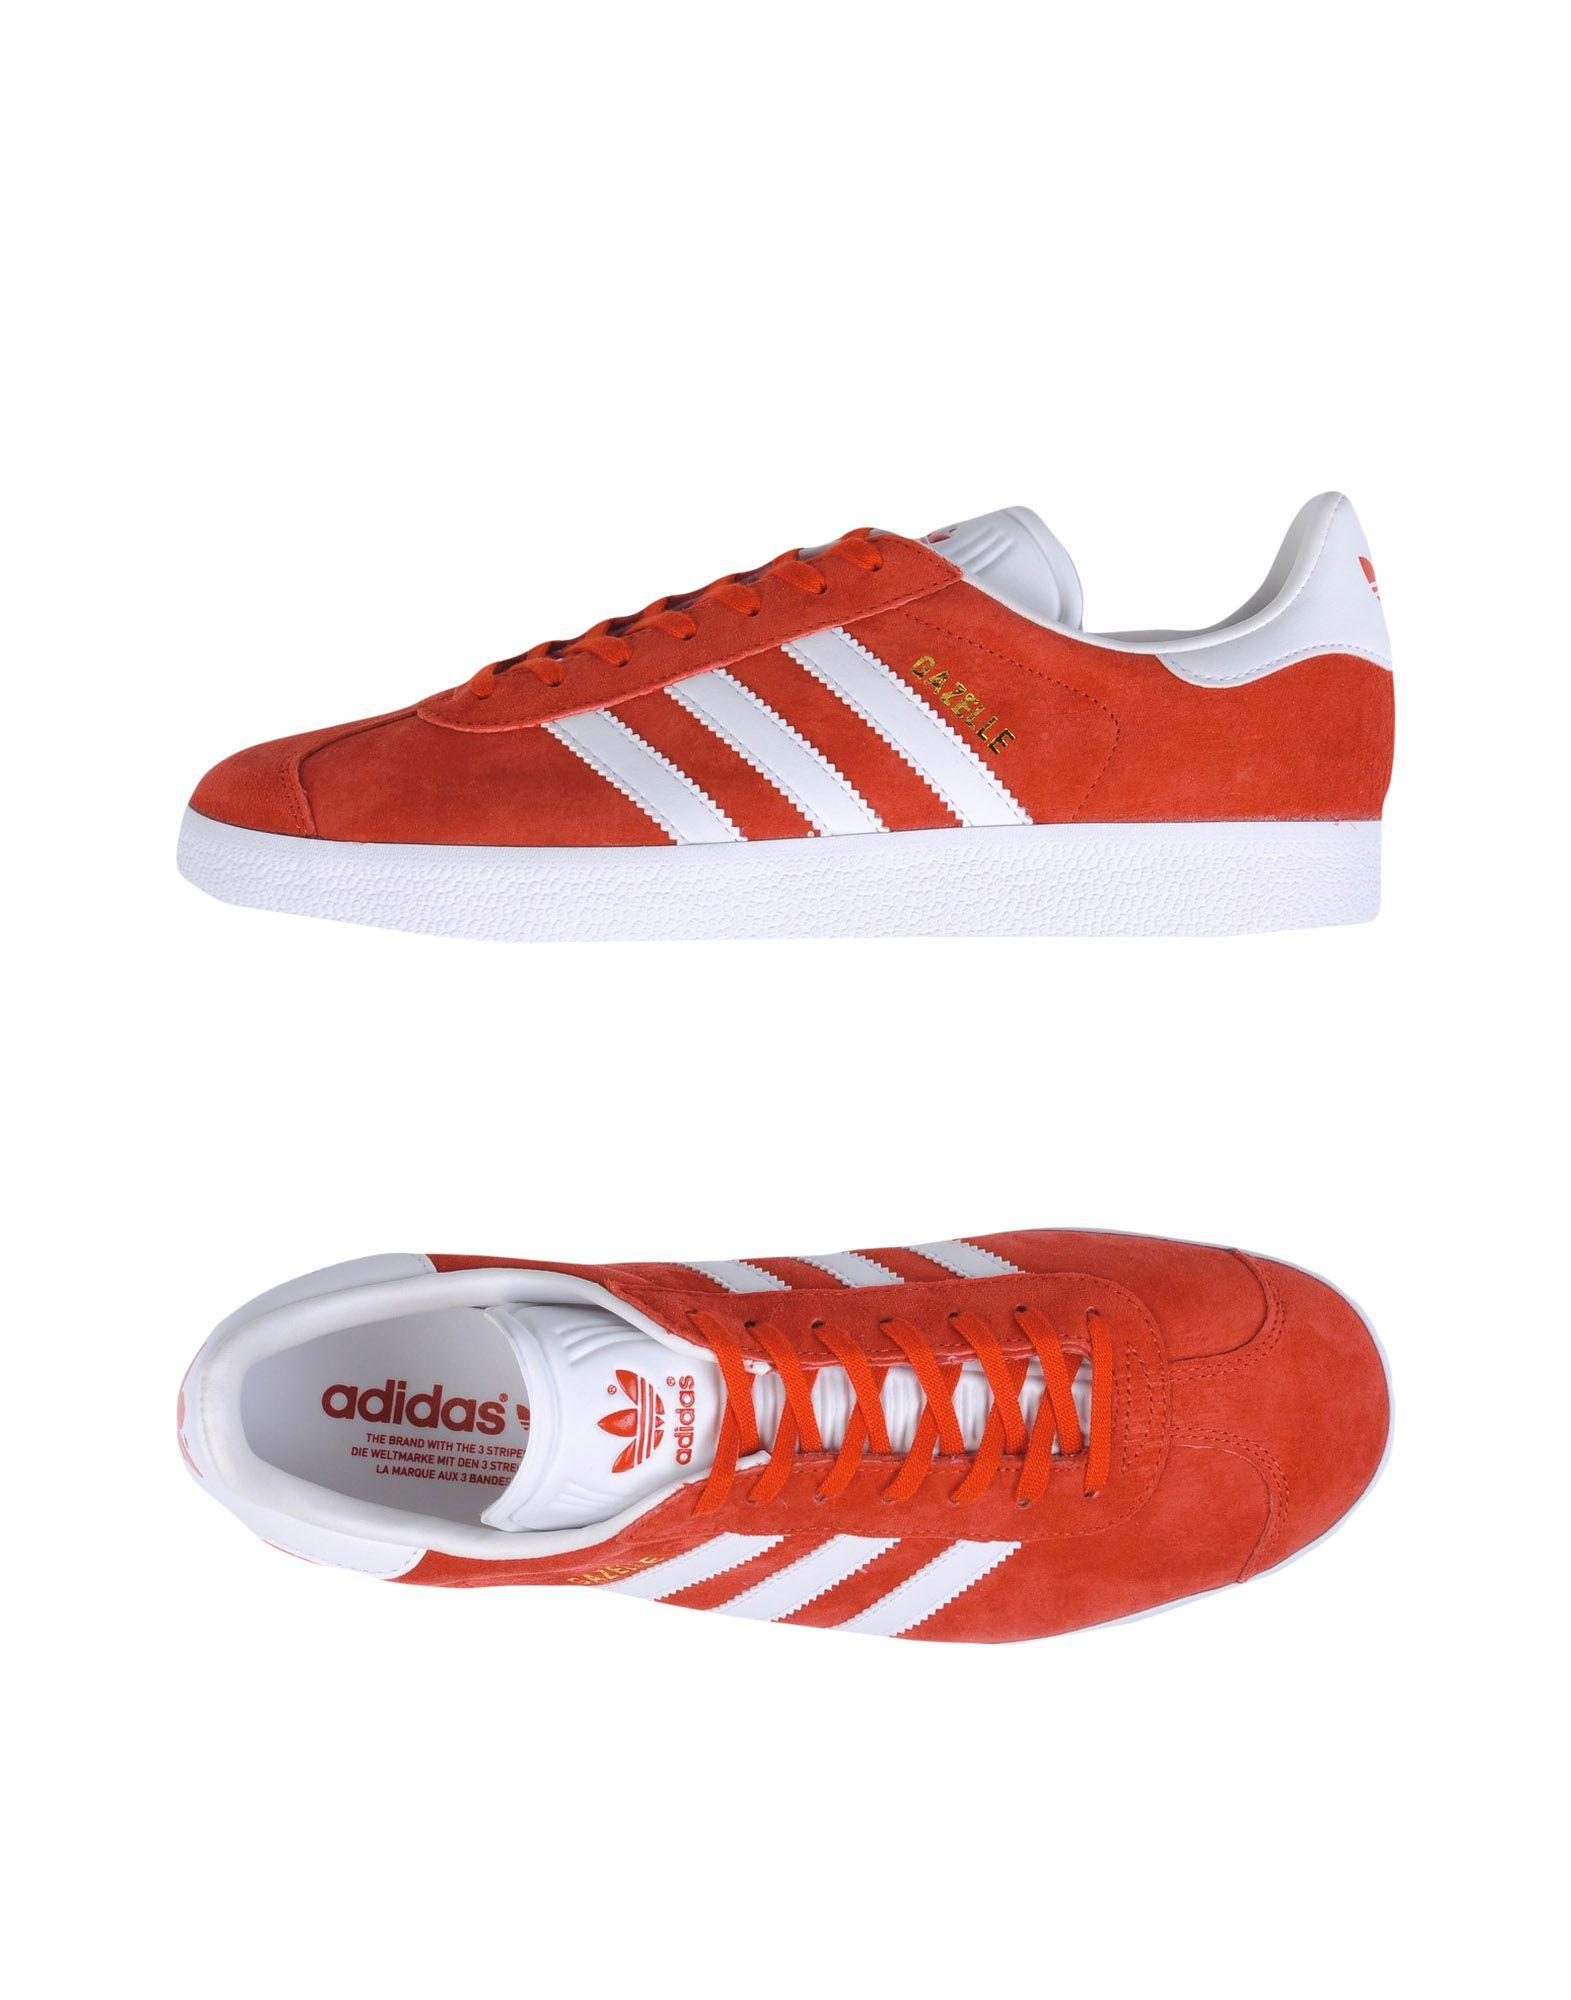 Zapatos casuales salvajes  Zapatillas Adidas Originals Gazelle Gazelle Originals - Hombre - Zapatillas Adidas Originals 3c1797